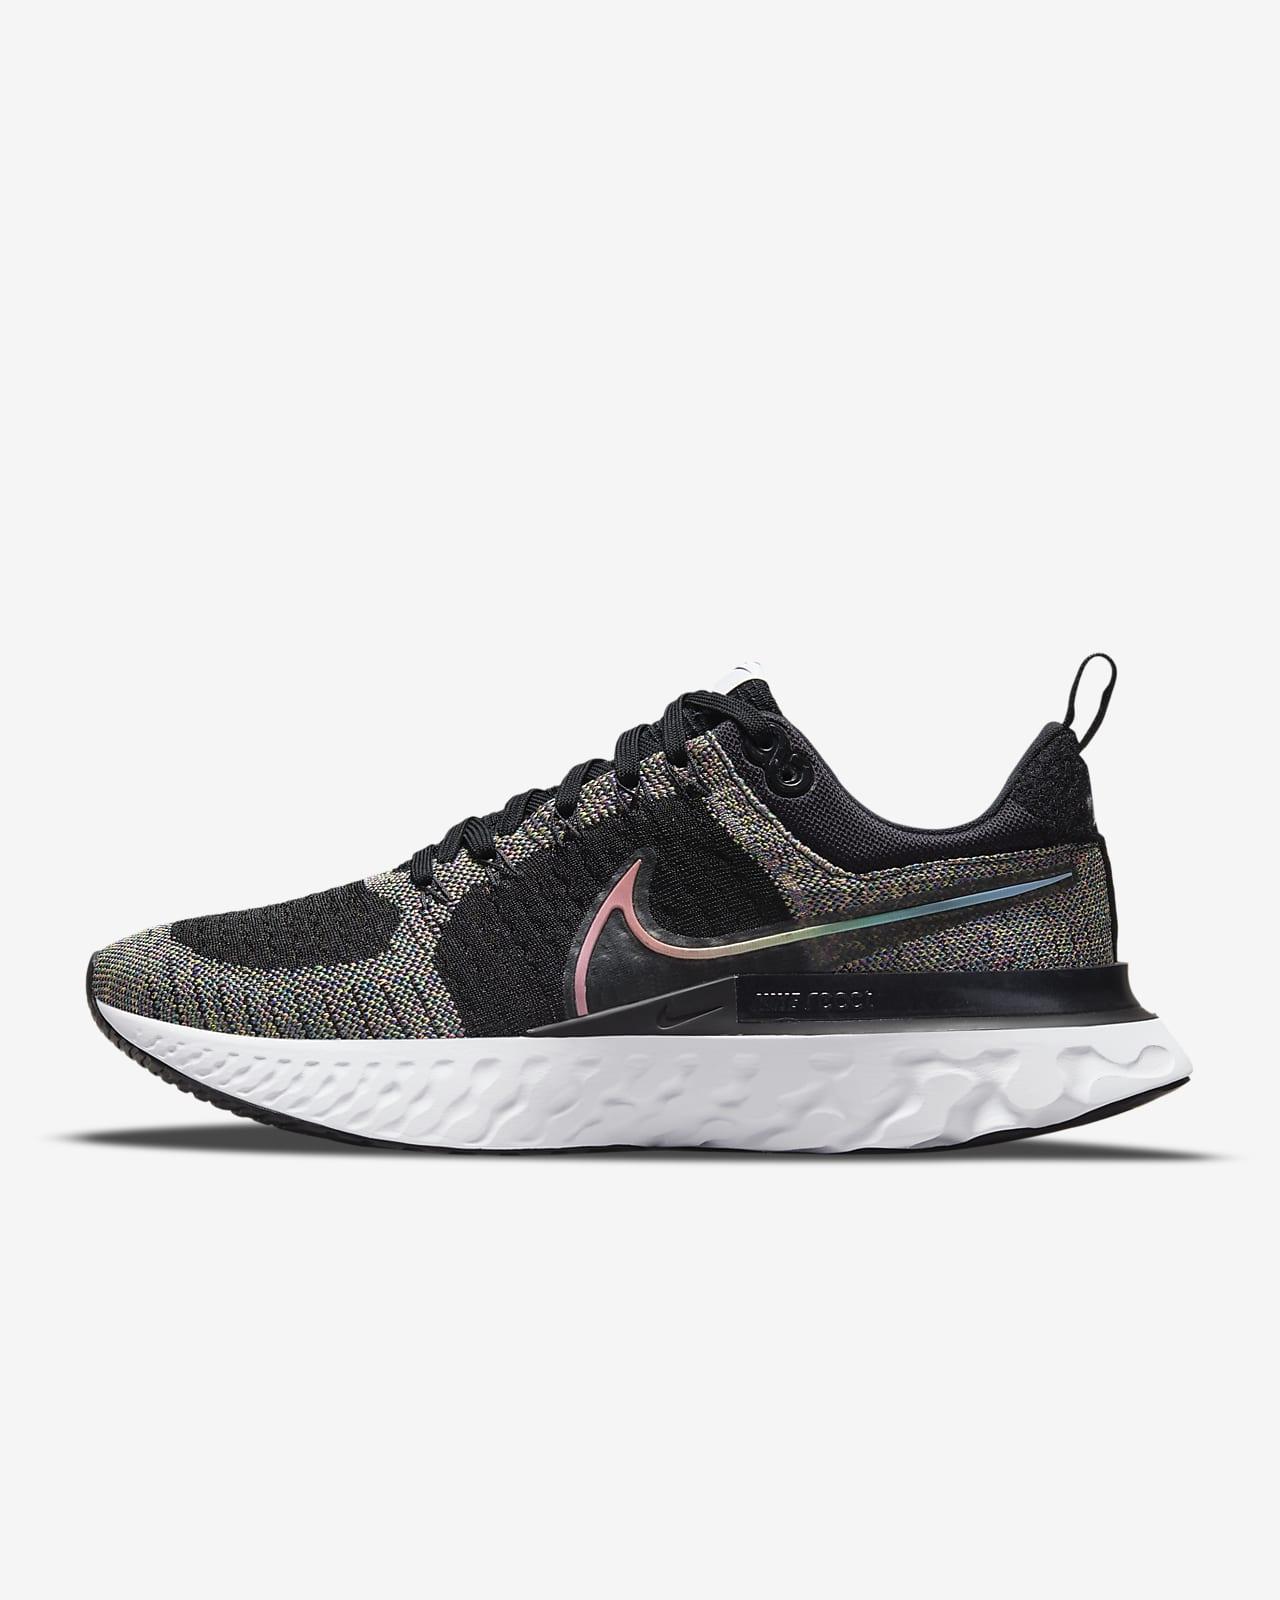 Calzado Nike React Infinity Run FK 2 Be True